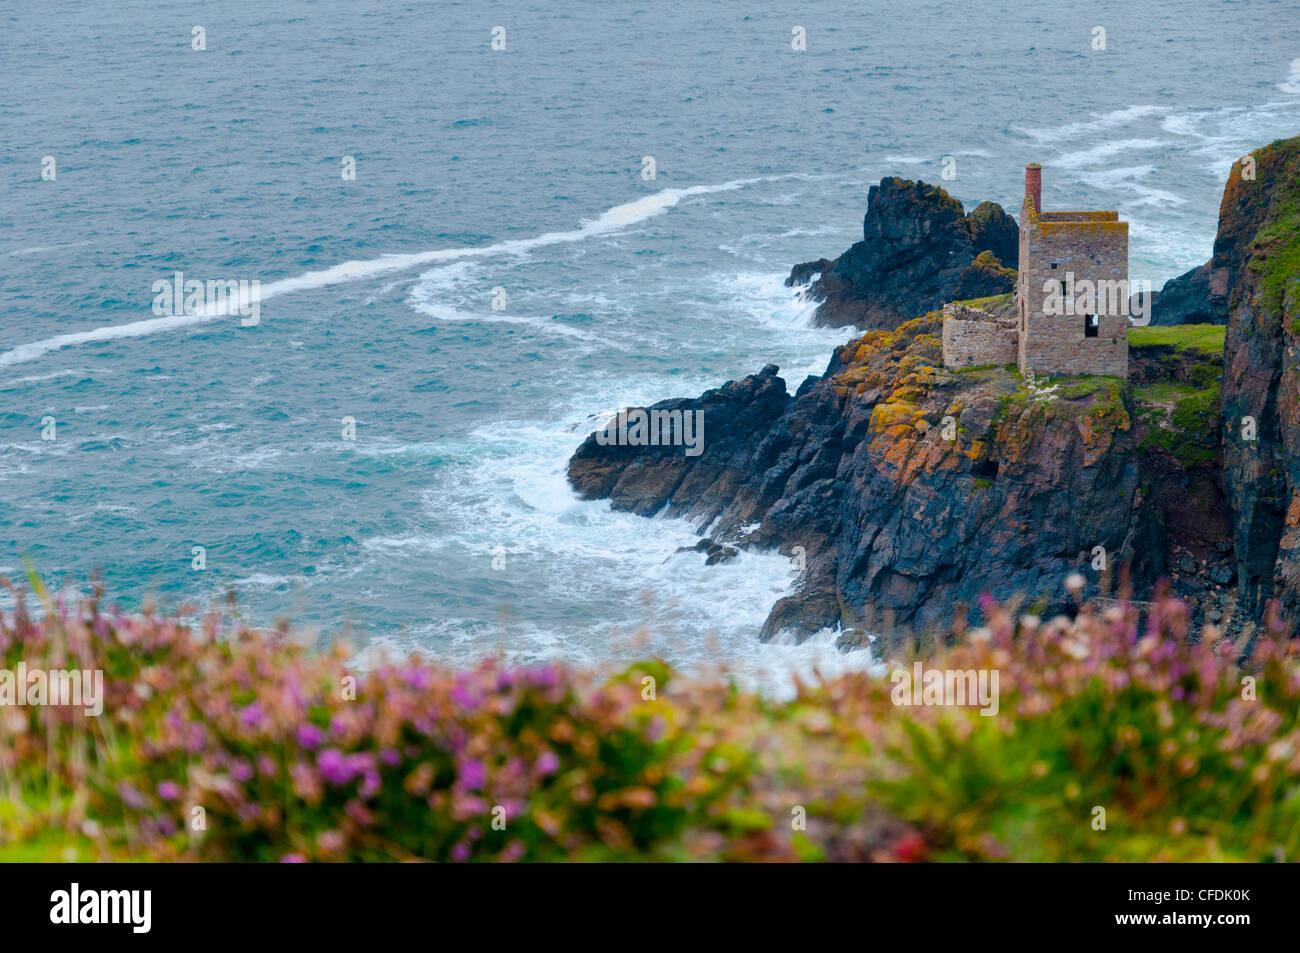 Botallack Mine, UNESCO World Heritage Site, Cornwall, England, United Kingdom, Europe - Stock Image